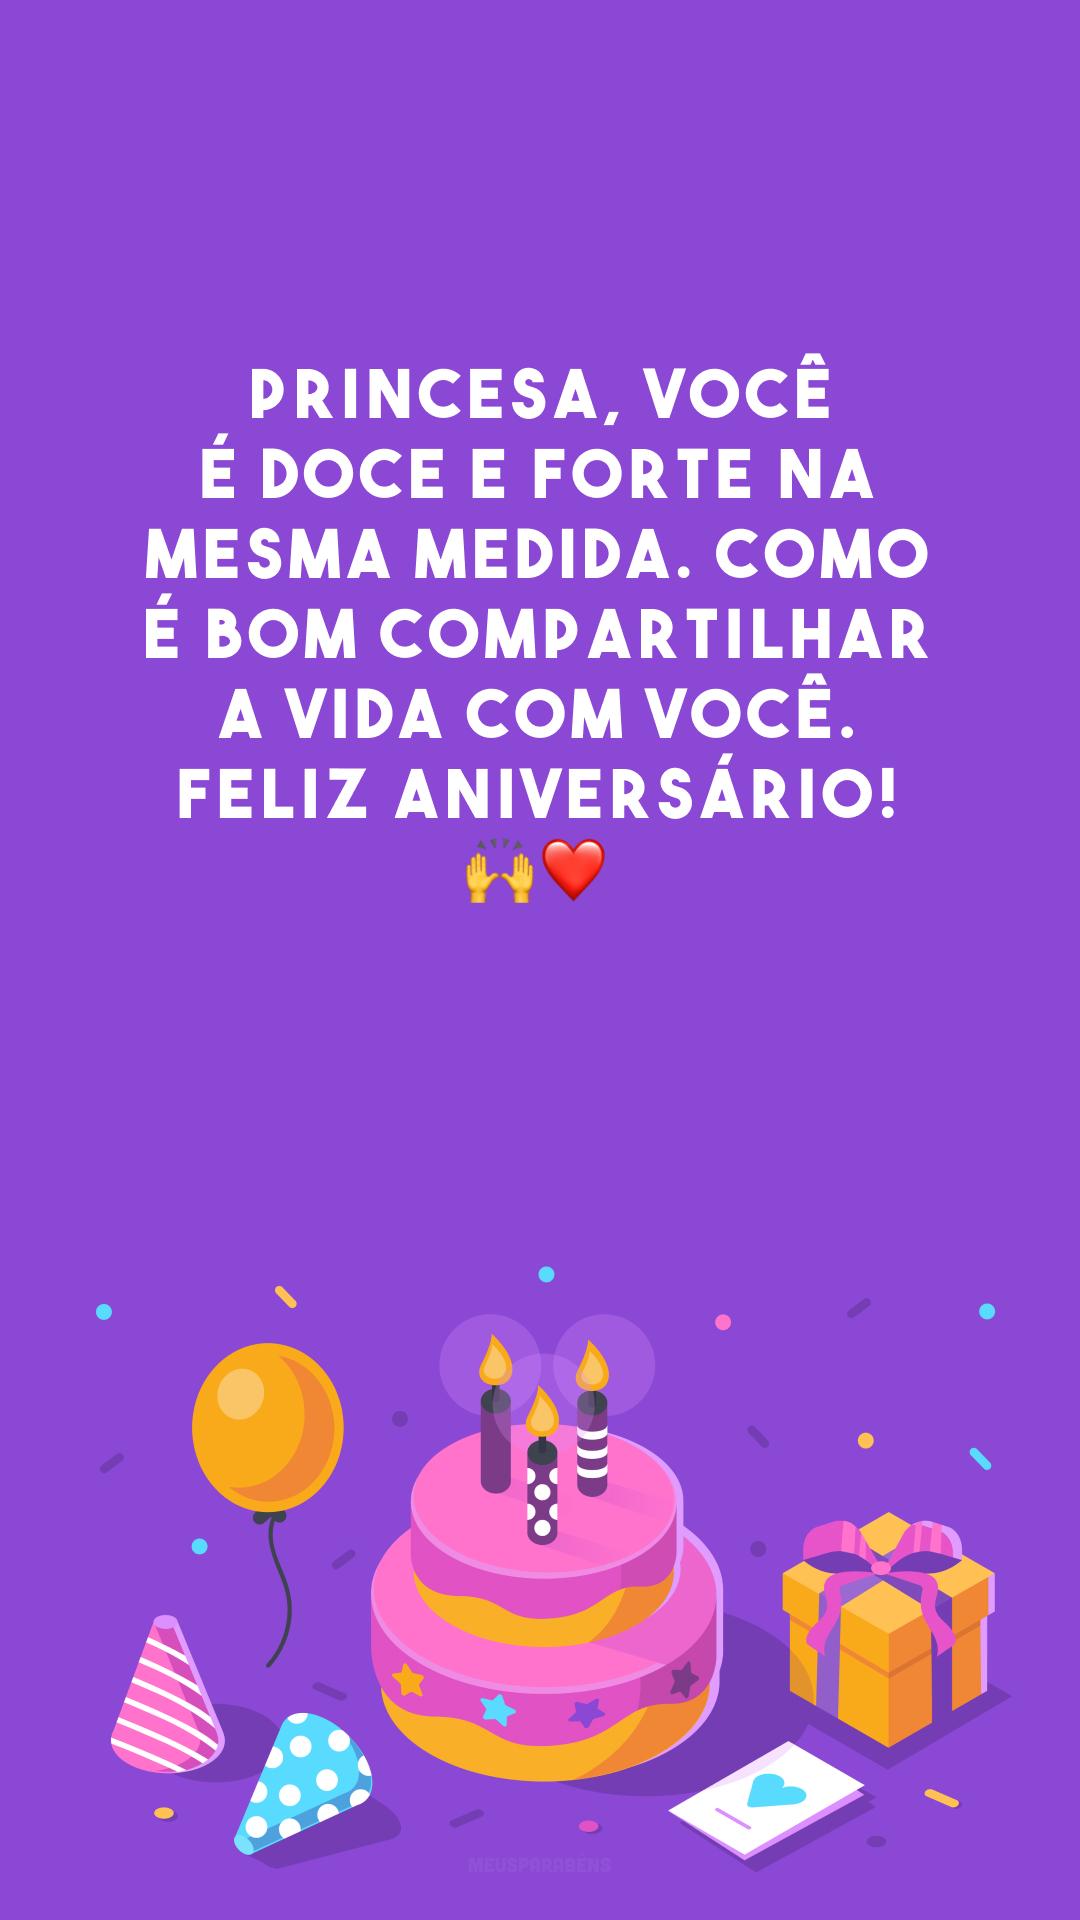 Princesa, você é doce e forte na mesma medida. Como é bom compartilhar a vida com você. Feliz aniversário! 🙌❤️